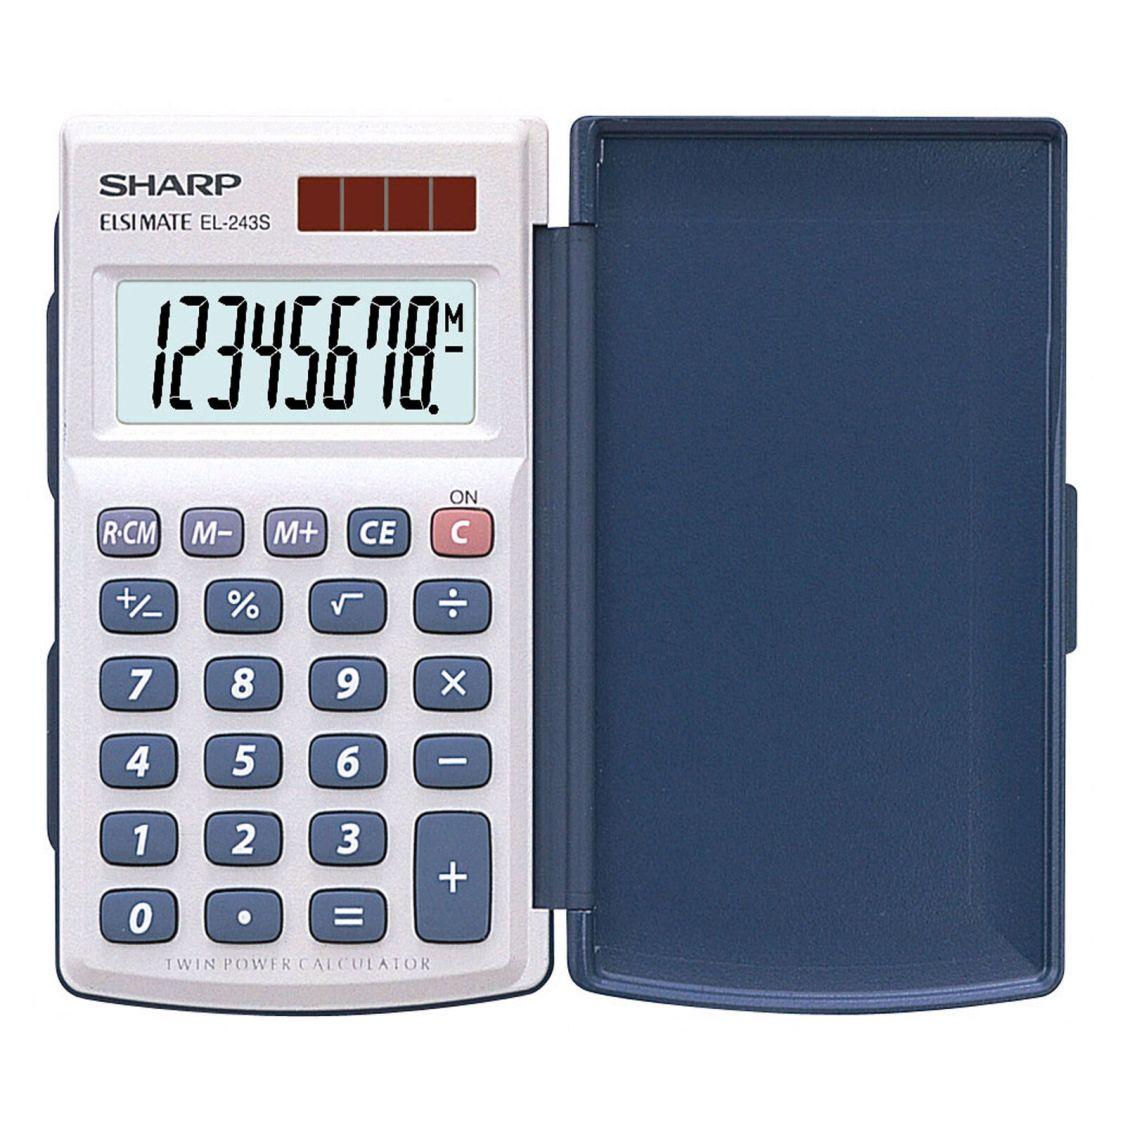 Taschenrechner mit Klappdeckel SHARP EL-243 S, Solar-/ Batteriebetrieb 8-stellig